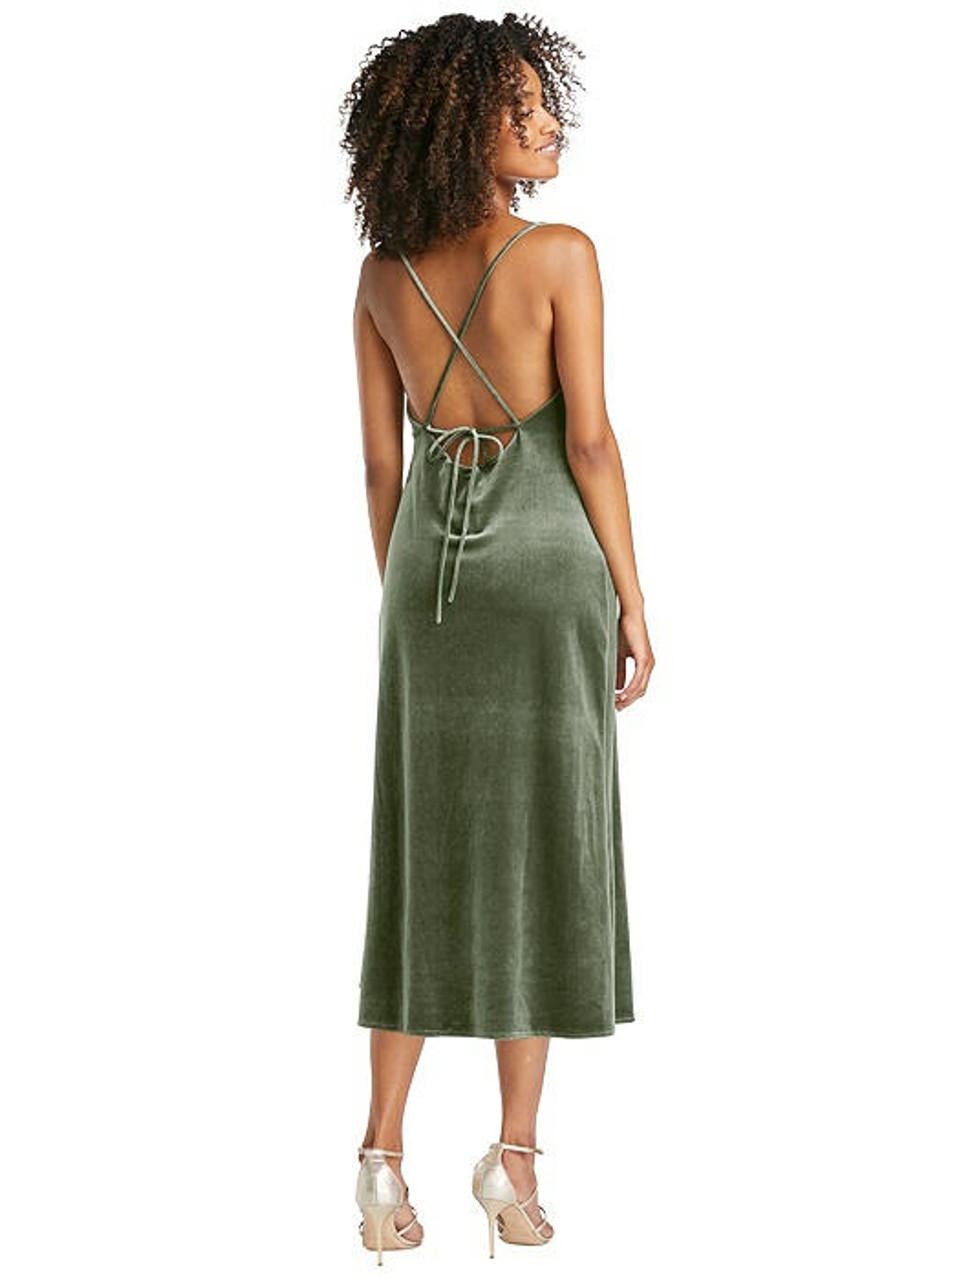 Lovely Style LB020 Cowl-Neck Convertible Velvet Midi Slip Dress - Isa